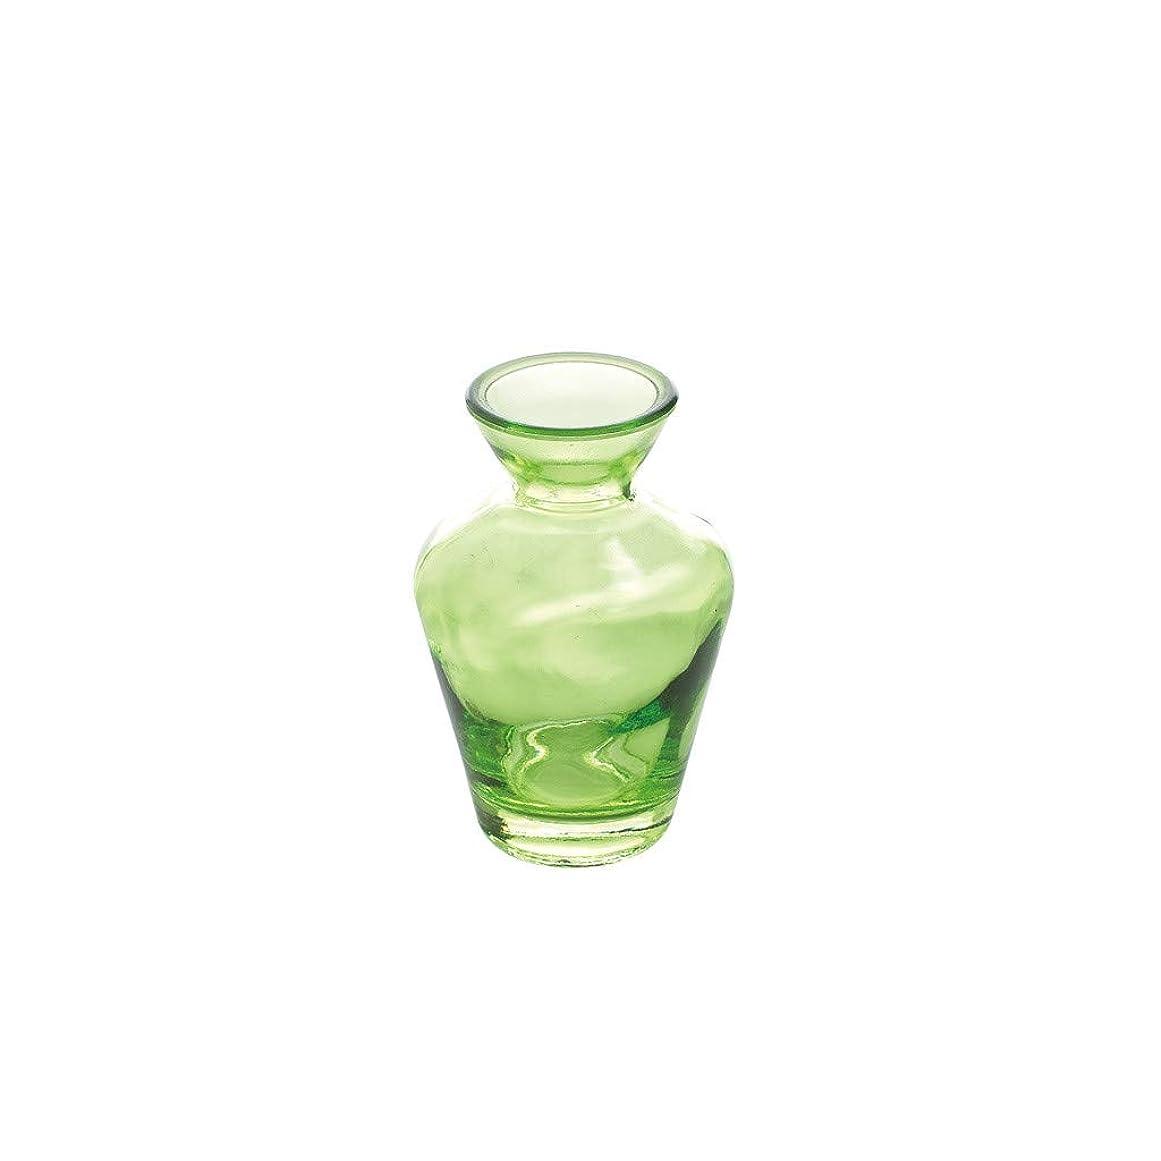 判読できない鉄道啓発するSPICE OF LIFE(スパイス) 花瓶 タイニー ガラス フラワーベース No.03 グリーン 直径6.5cm 高さ10.5cm NALG5030GR